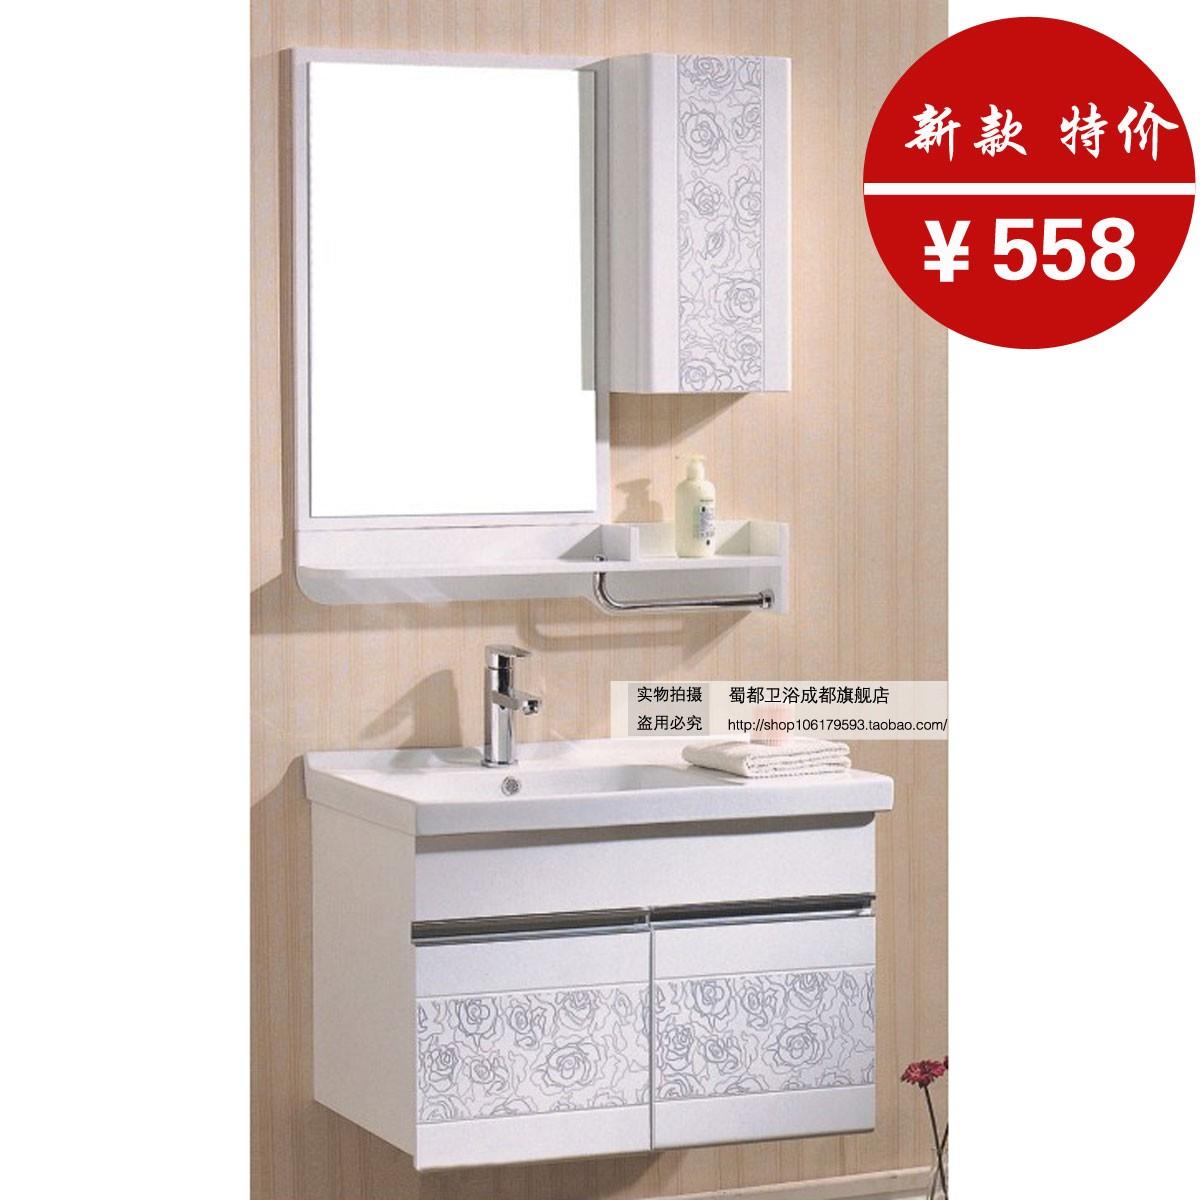 特价促销PVC浴室柜组合卫浴柜洗手盆洗面盆柜梳洗柜7077